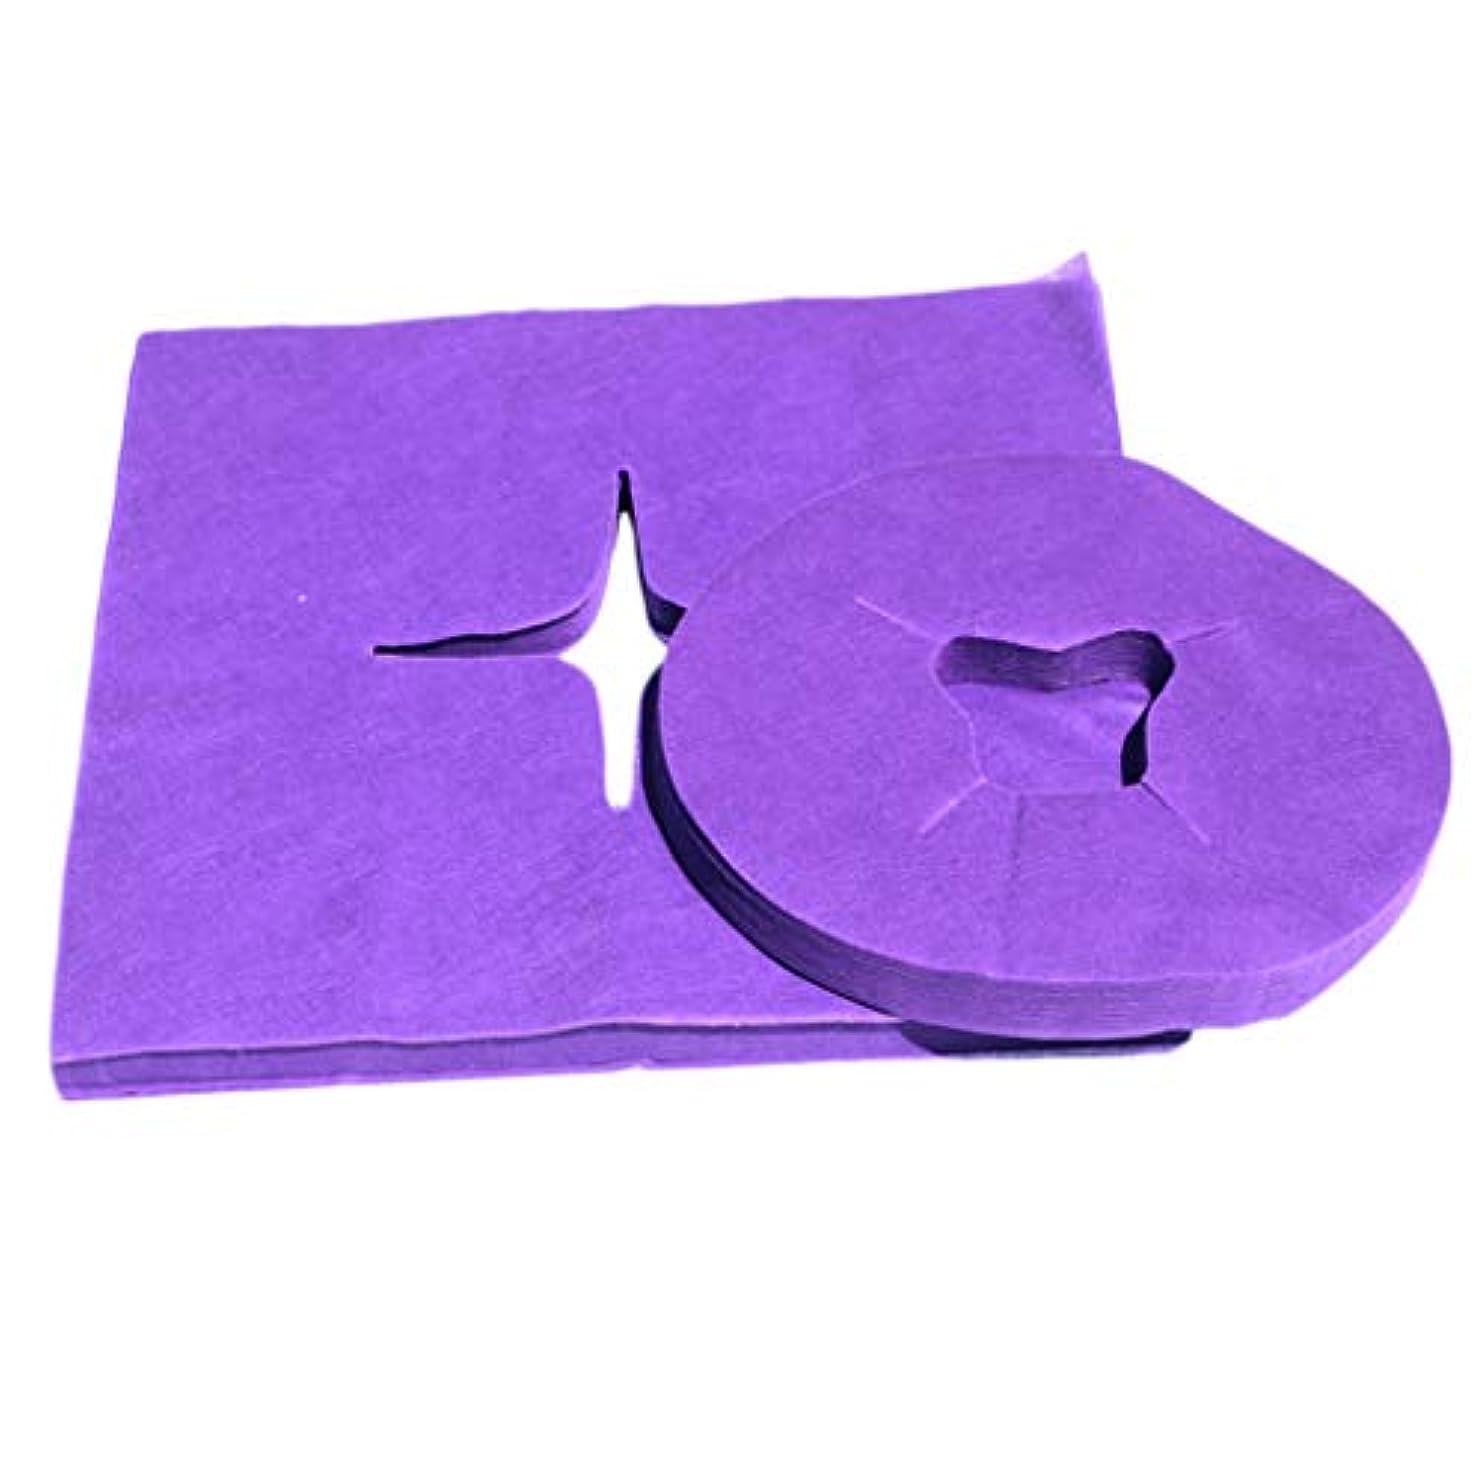 傾斜アラブまたはdailymall 200個の使い捨てフェイスクレードルカバー-マッサージテーブルチェア用の超ソフト、非粘着マッサージフェイスカバーとヘッドレストカバー - 紫の